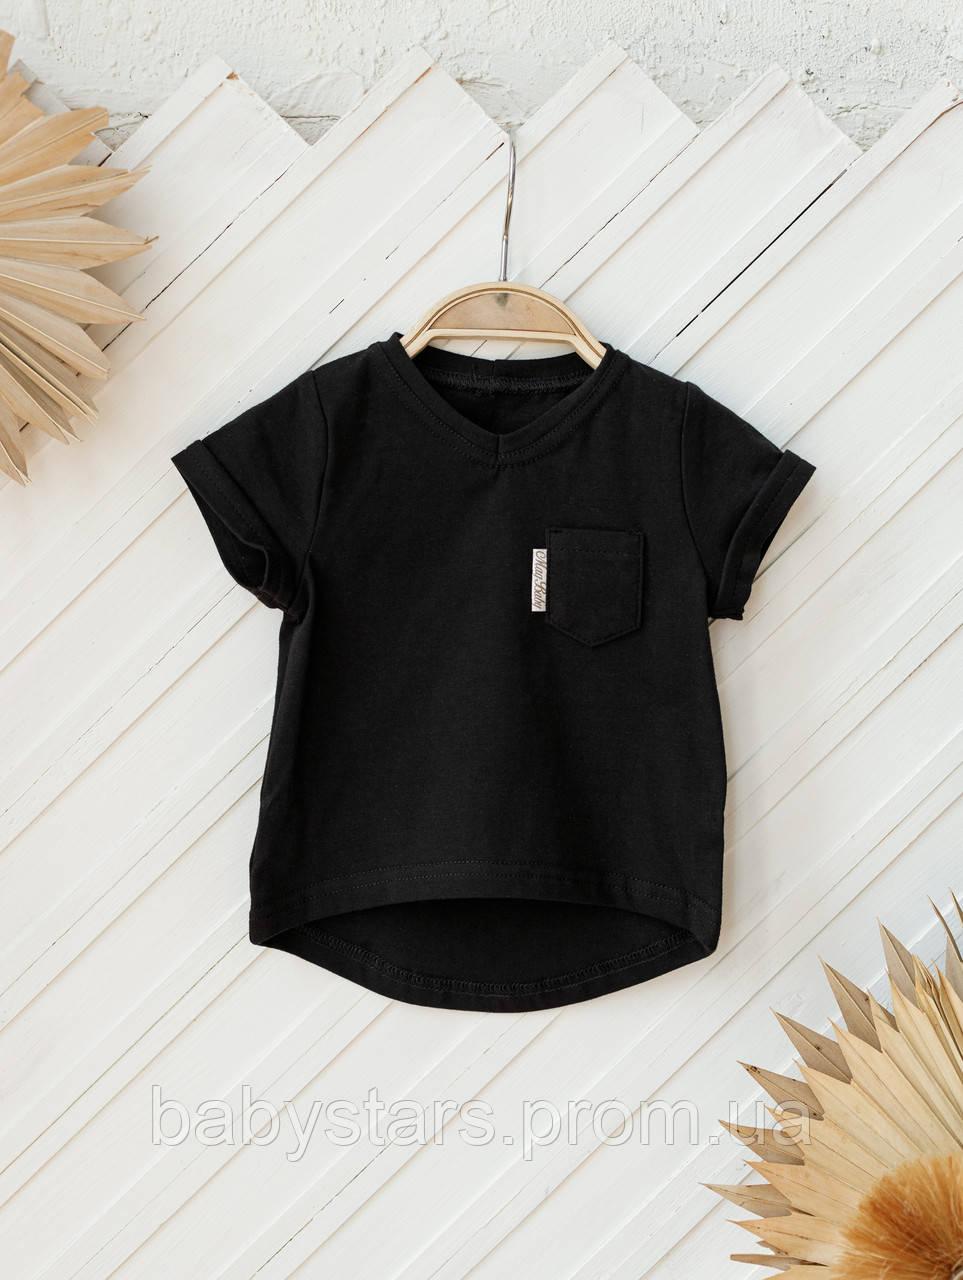 """Футболка для мальчика """"Simply"""", черная с карманом. Размеры: от 80 до 110"""